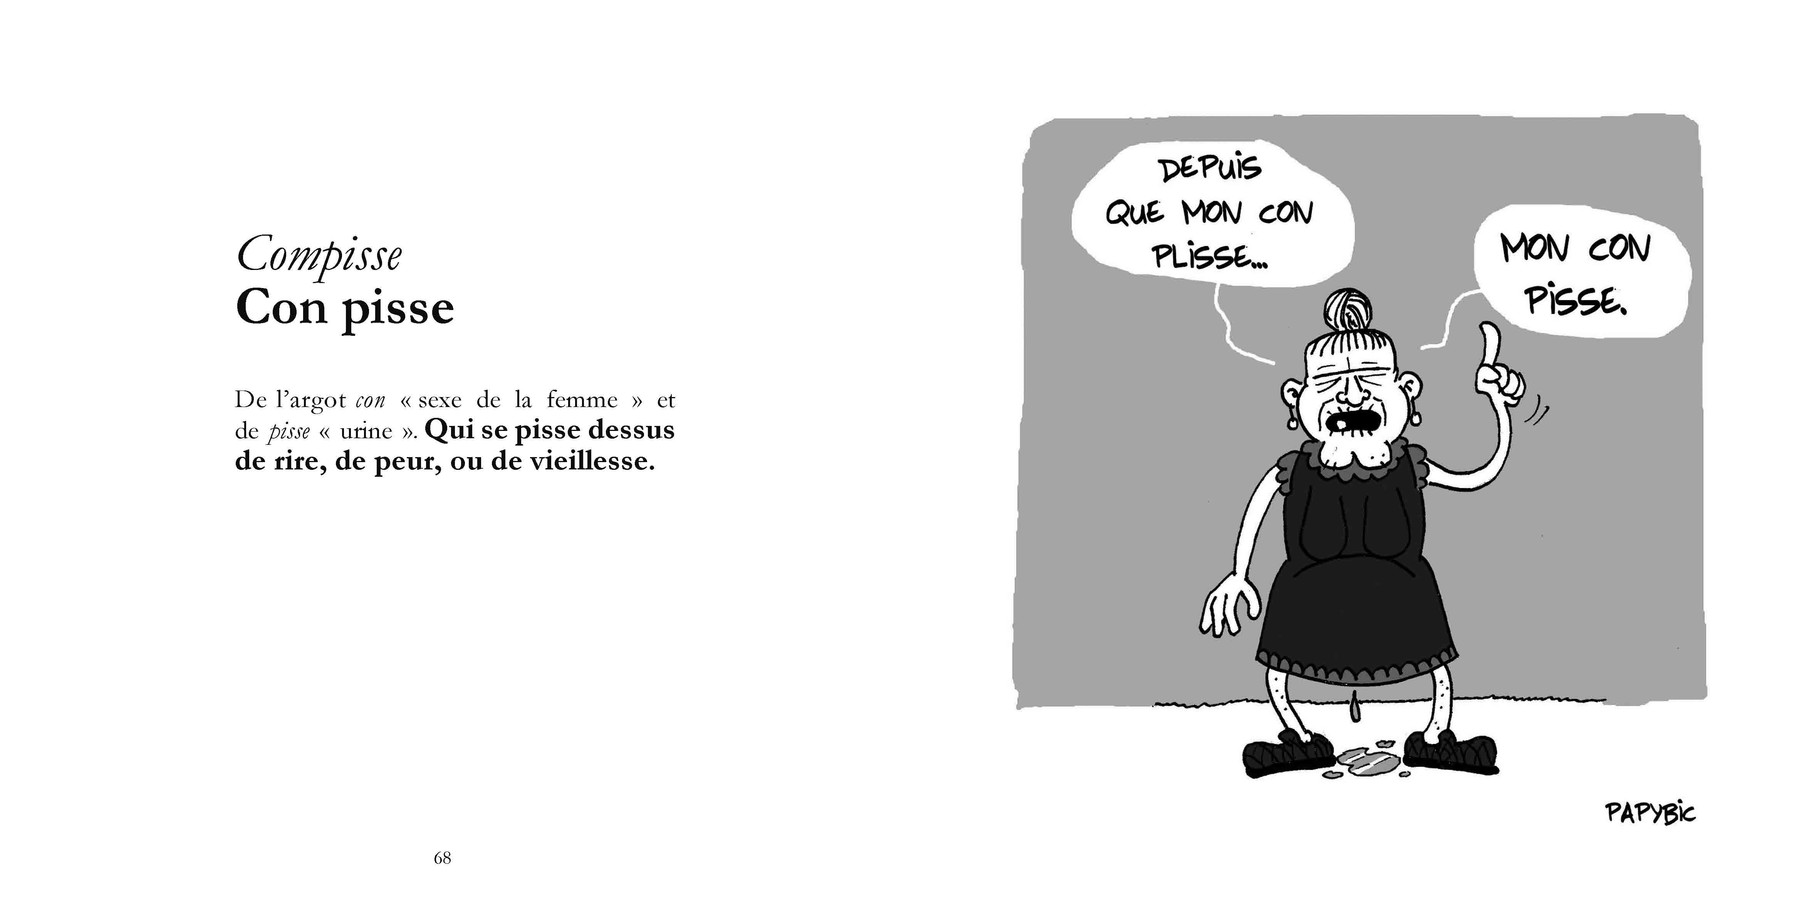 Compisse - Con pisse / P 68-69 du Bestof2 -Texte Edith - Dessin Papybic. Droits réservés - Reproduction interdite